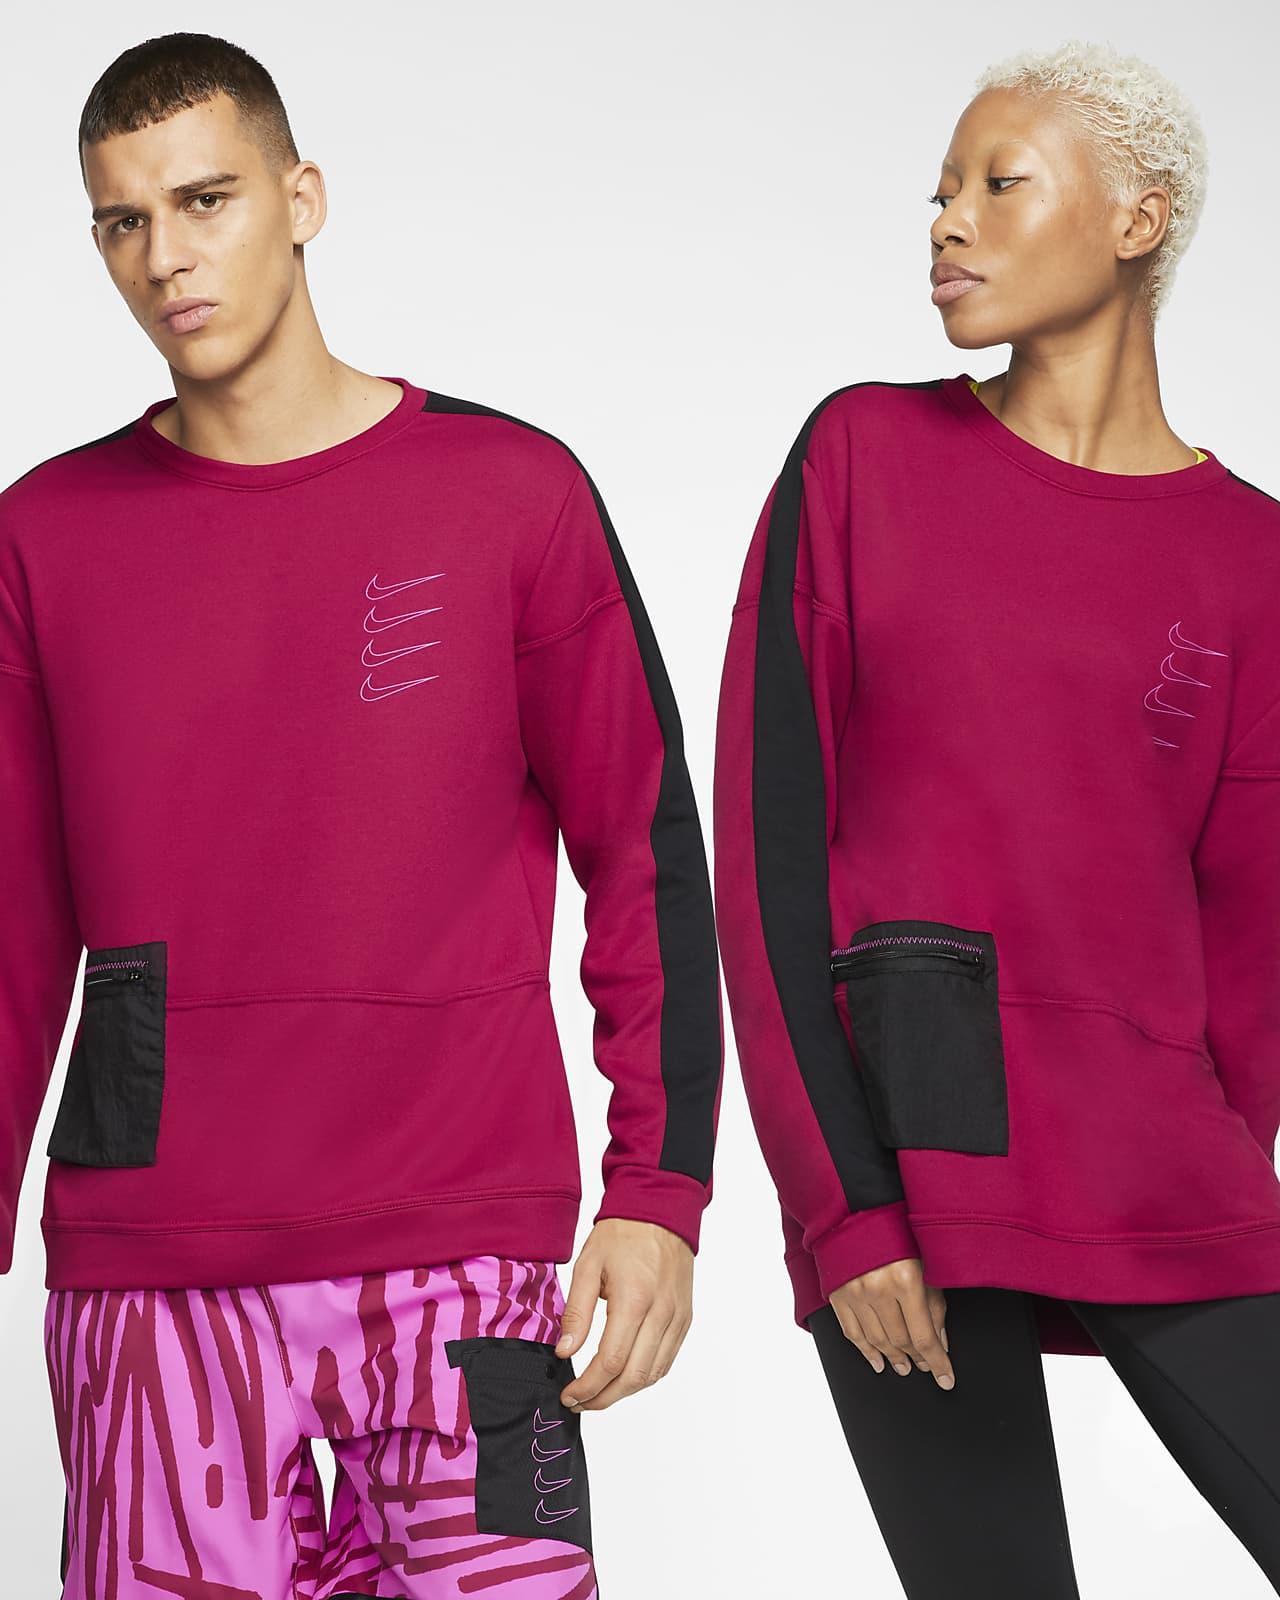 Haut de training en tissu Fleece Nike Dri-FIT